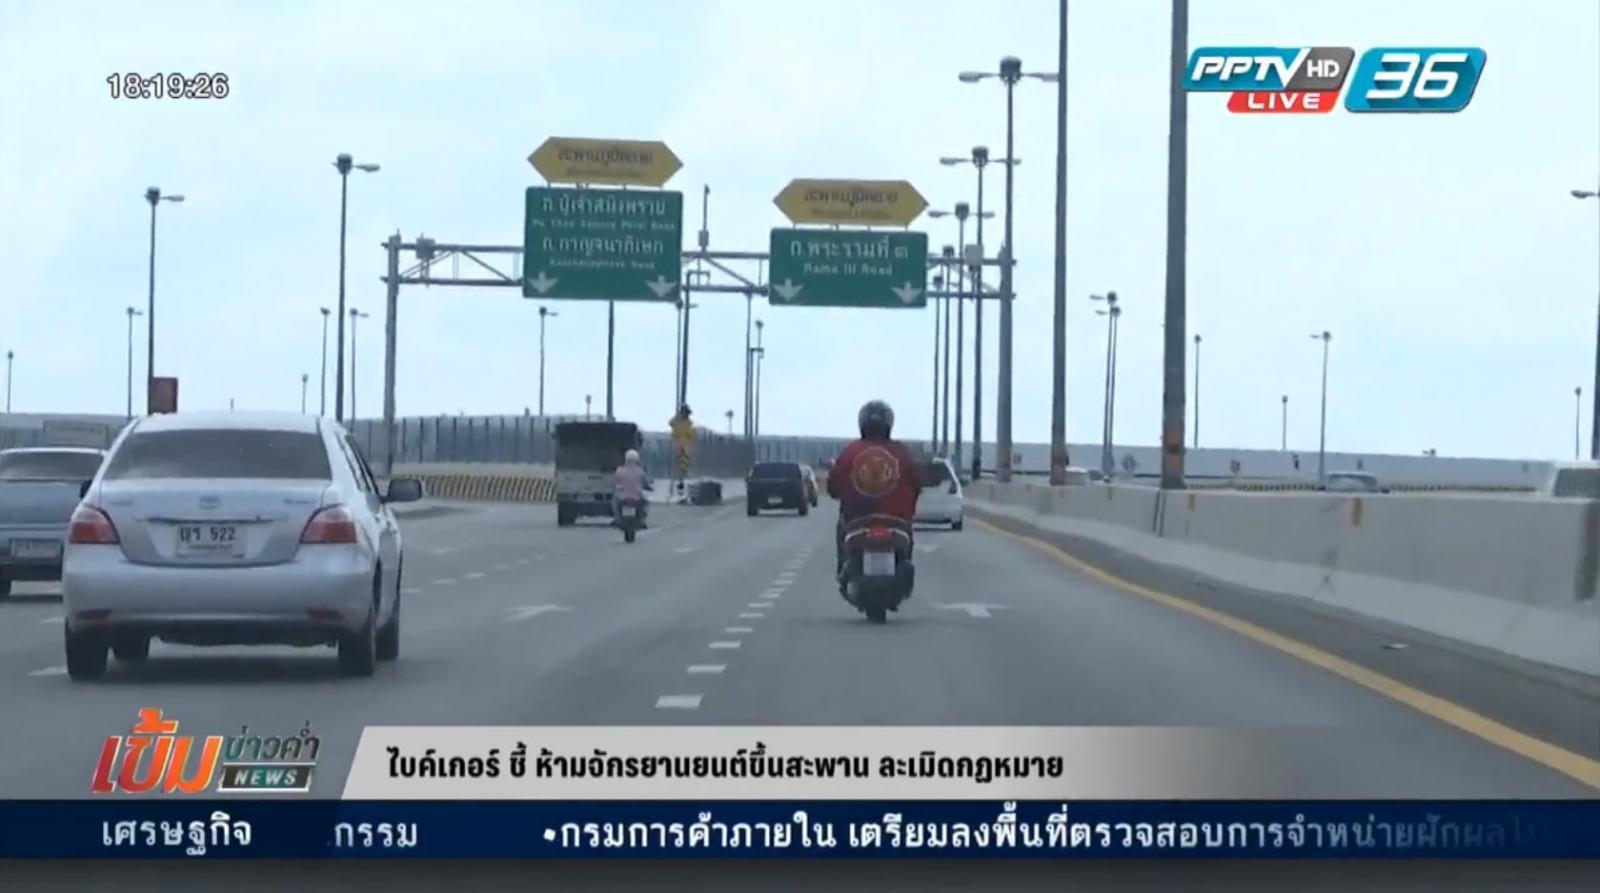 ไบค์เกอร์ ชี้ห้ามจักรยานยนต์ขึ้นสะพาน ละเมิดกฏหมาย